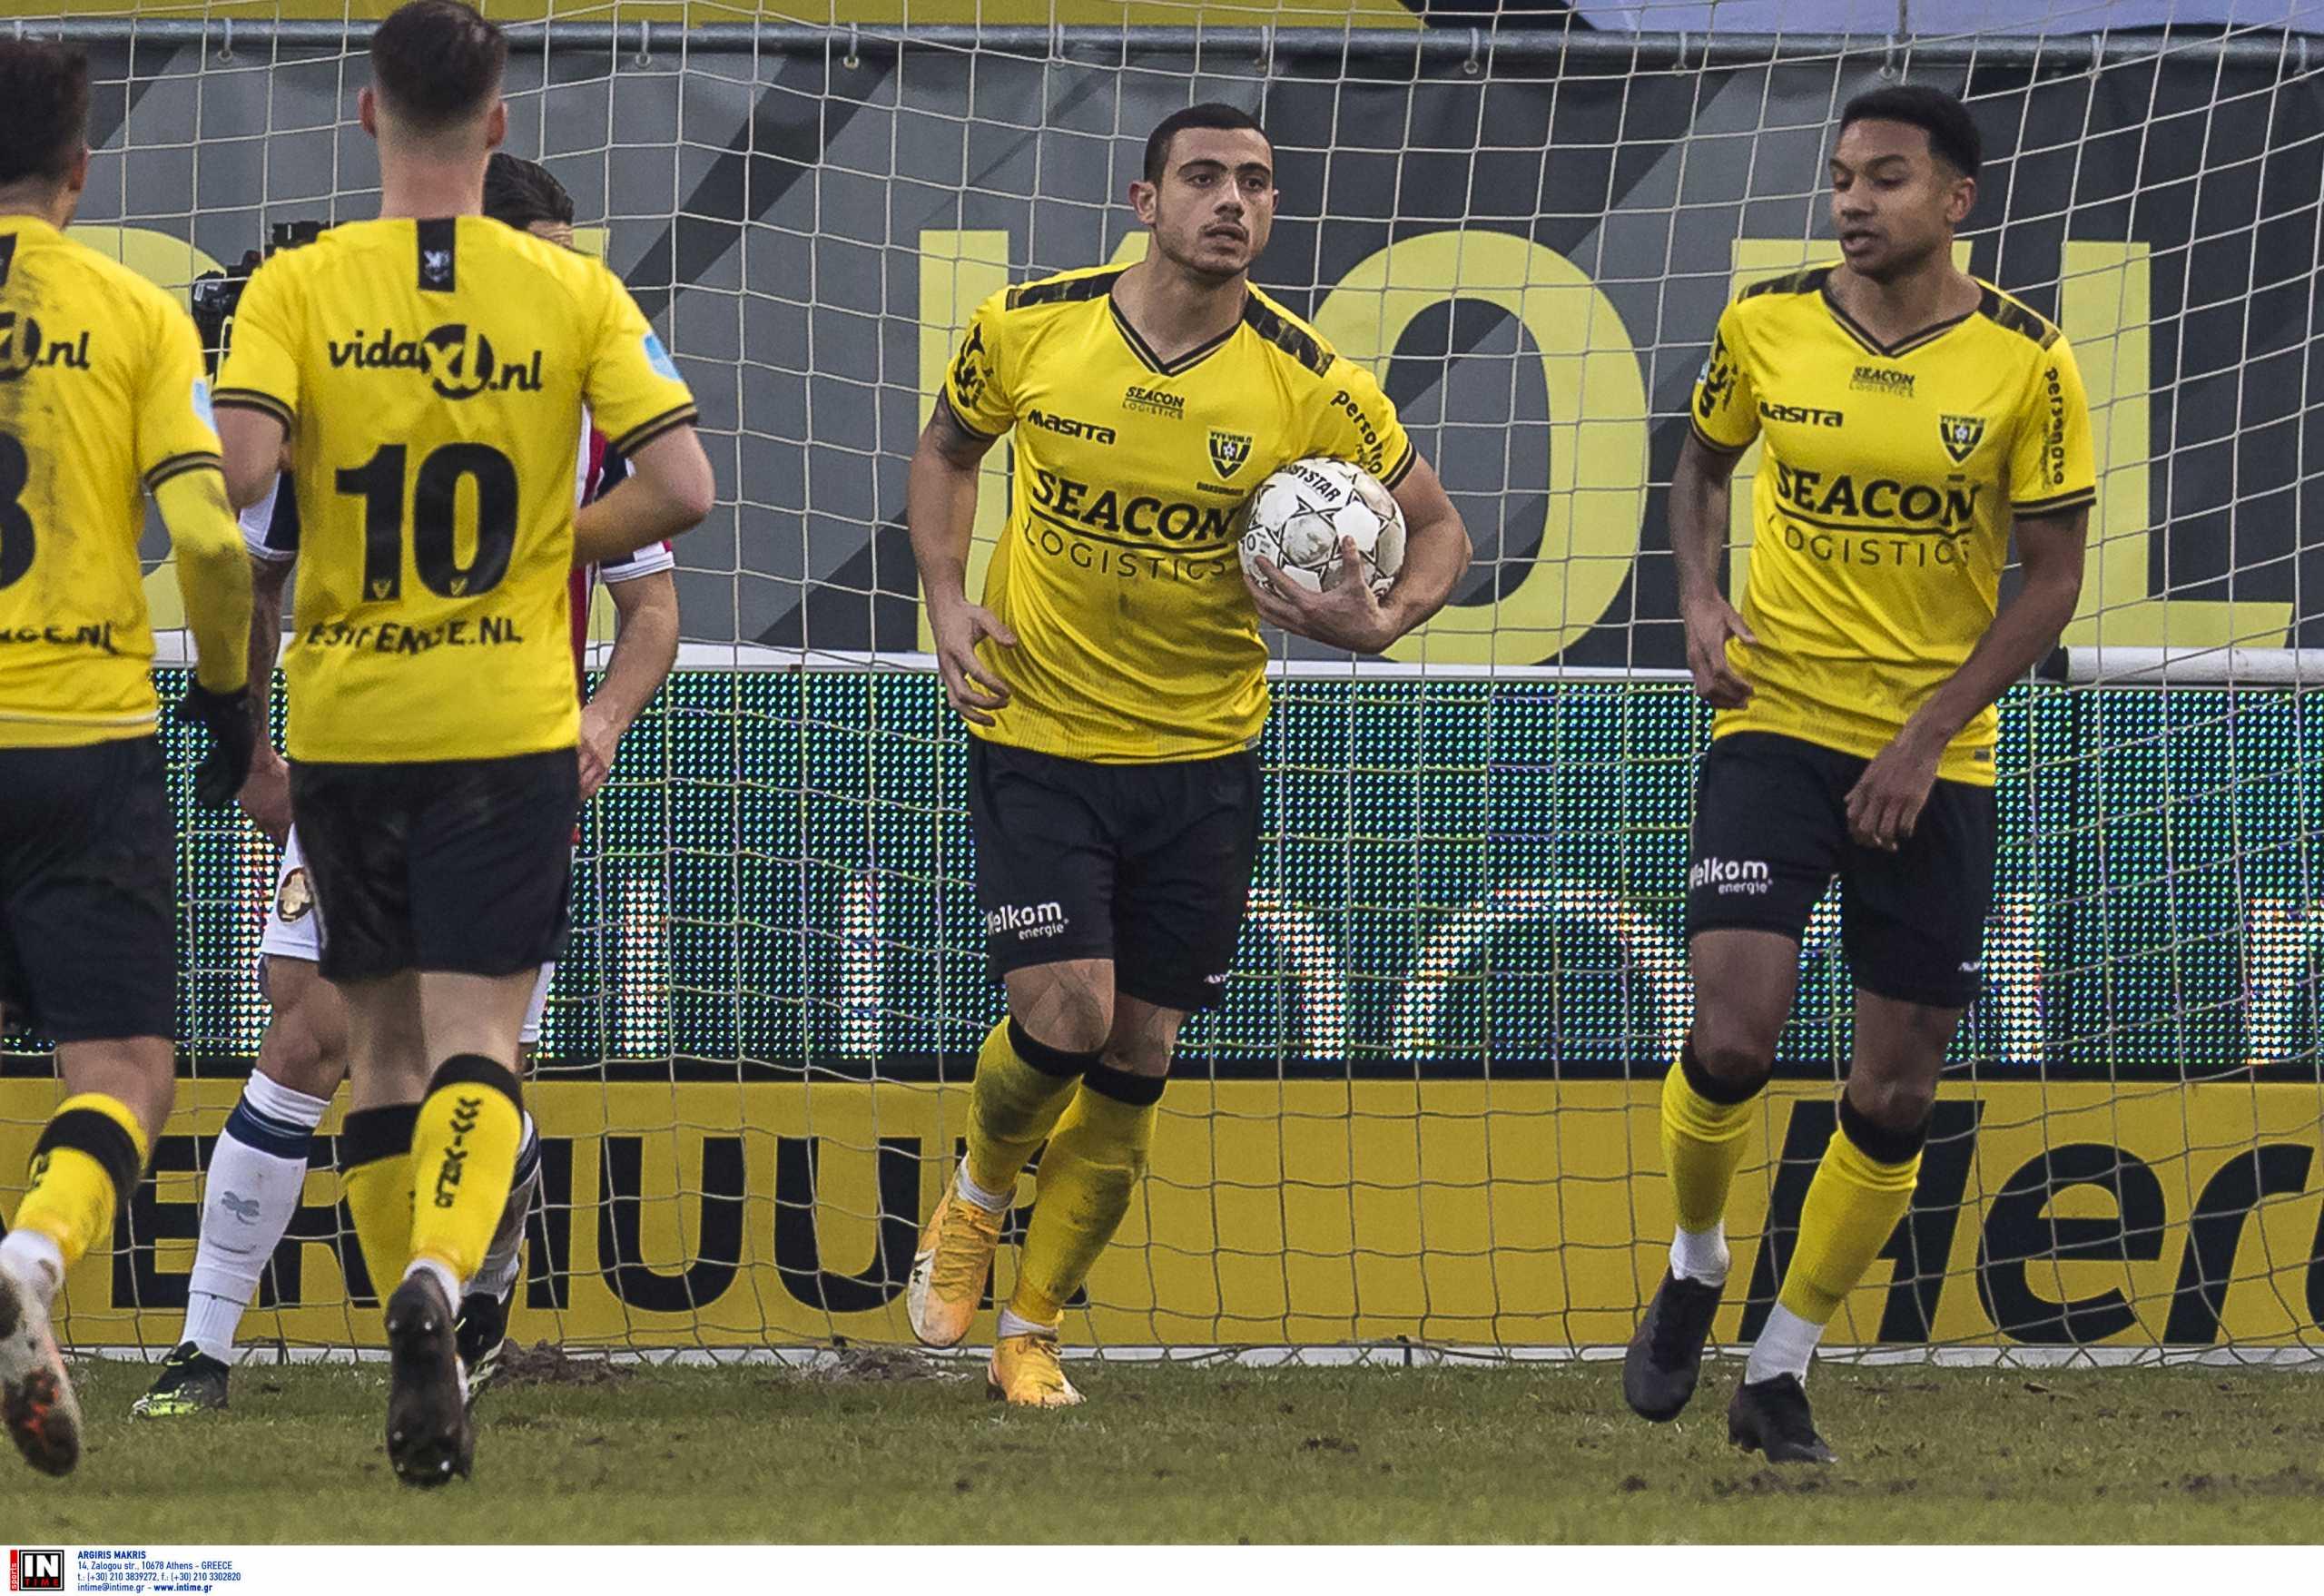 Ο Γιακουμάκης «εκτέλεσε» τον Άγιαξ και έφτασε τα 26 γκολ αλλά η Φένλο υποβιβάστηκε